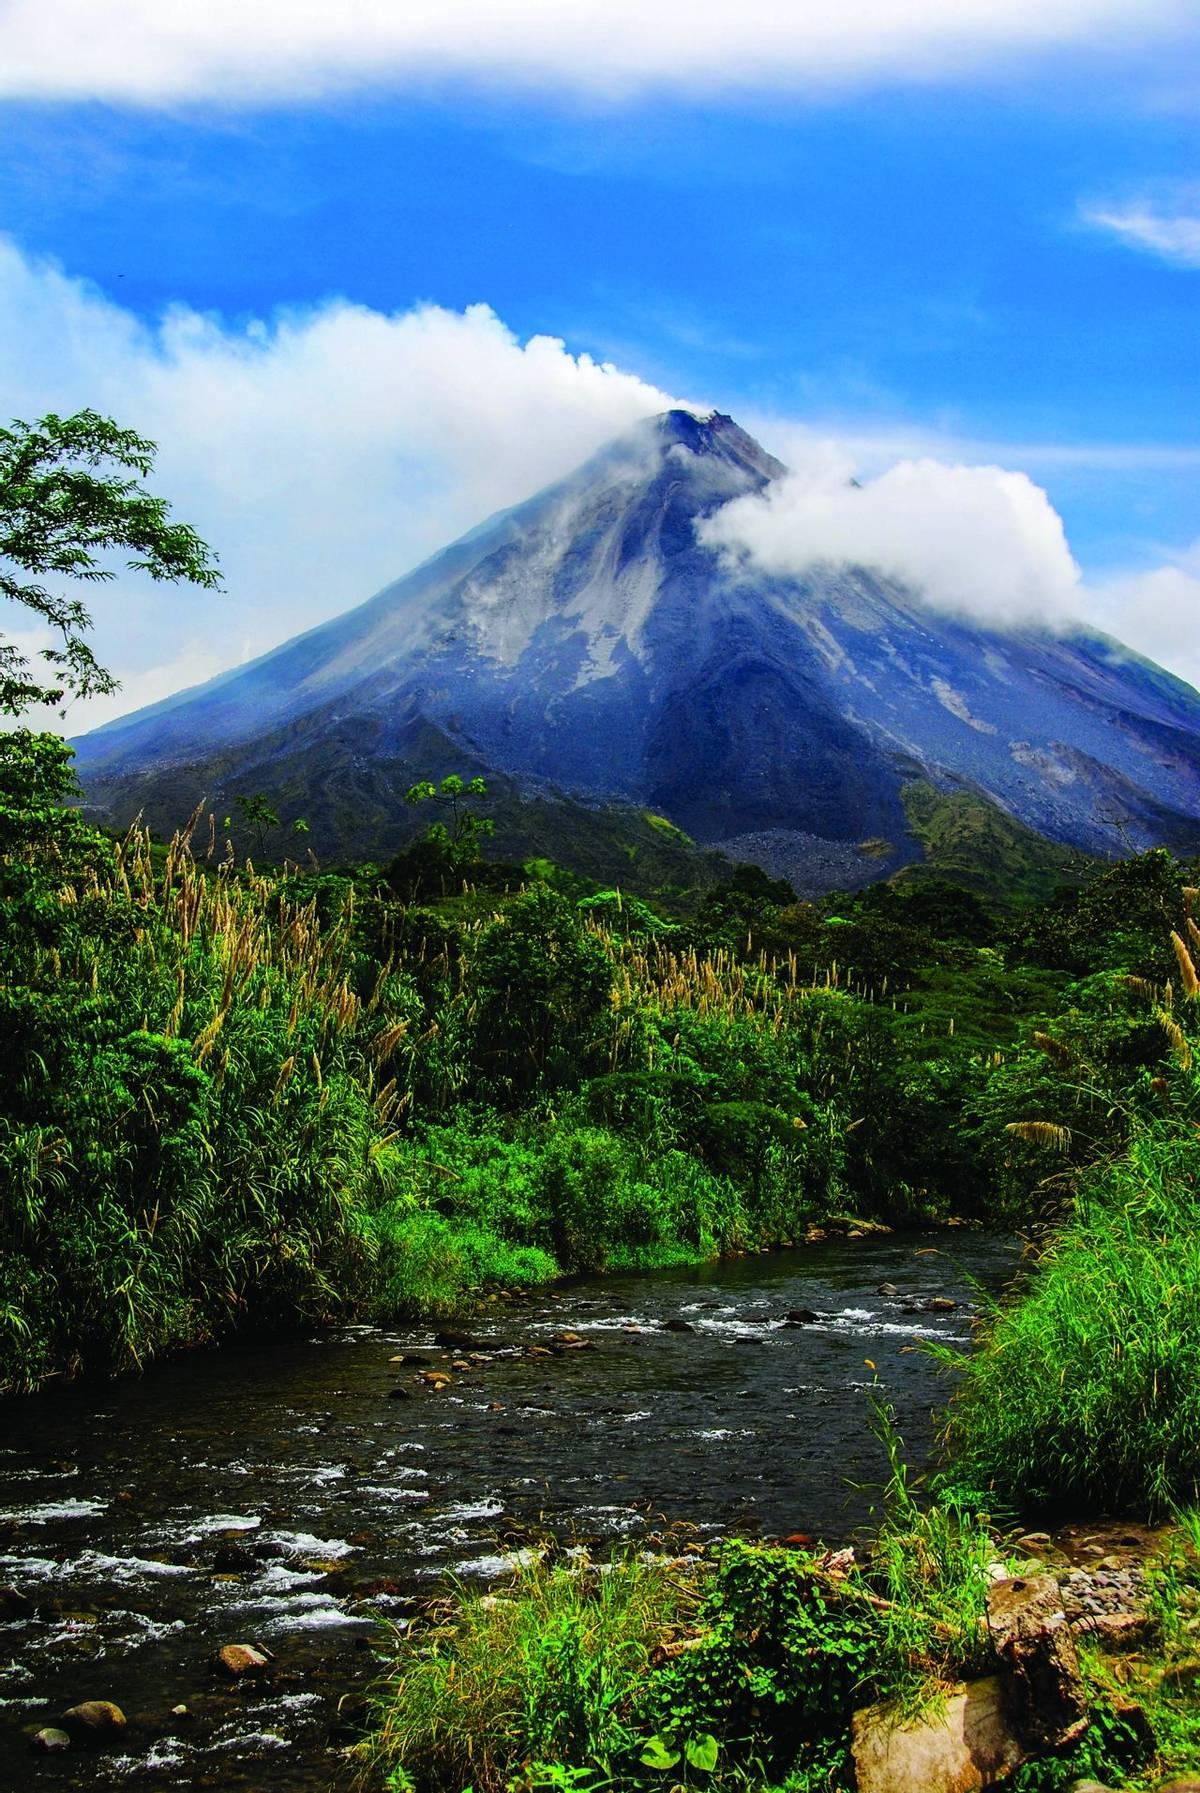 Costa Rica - Arenal Volcano - AdobeStock_219113751.jpg